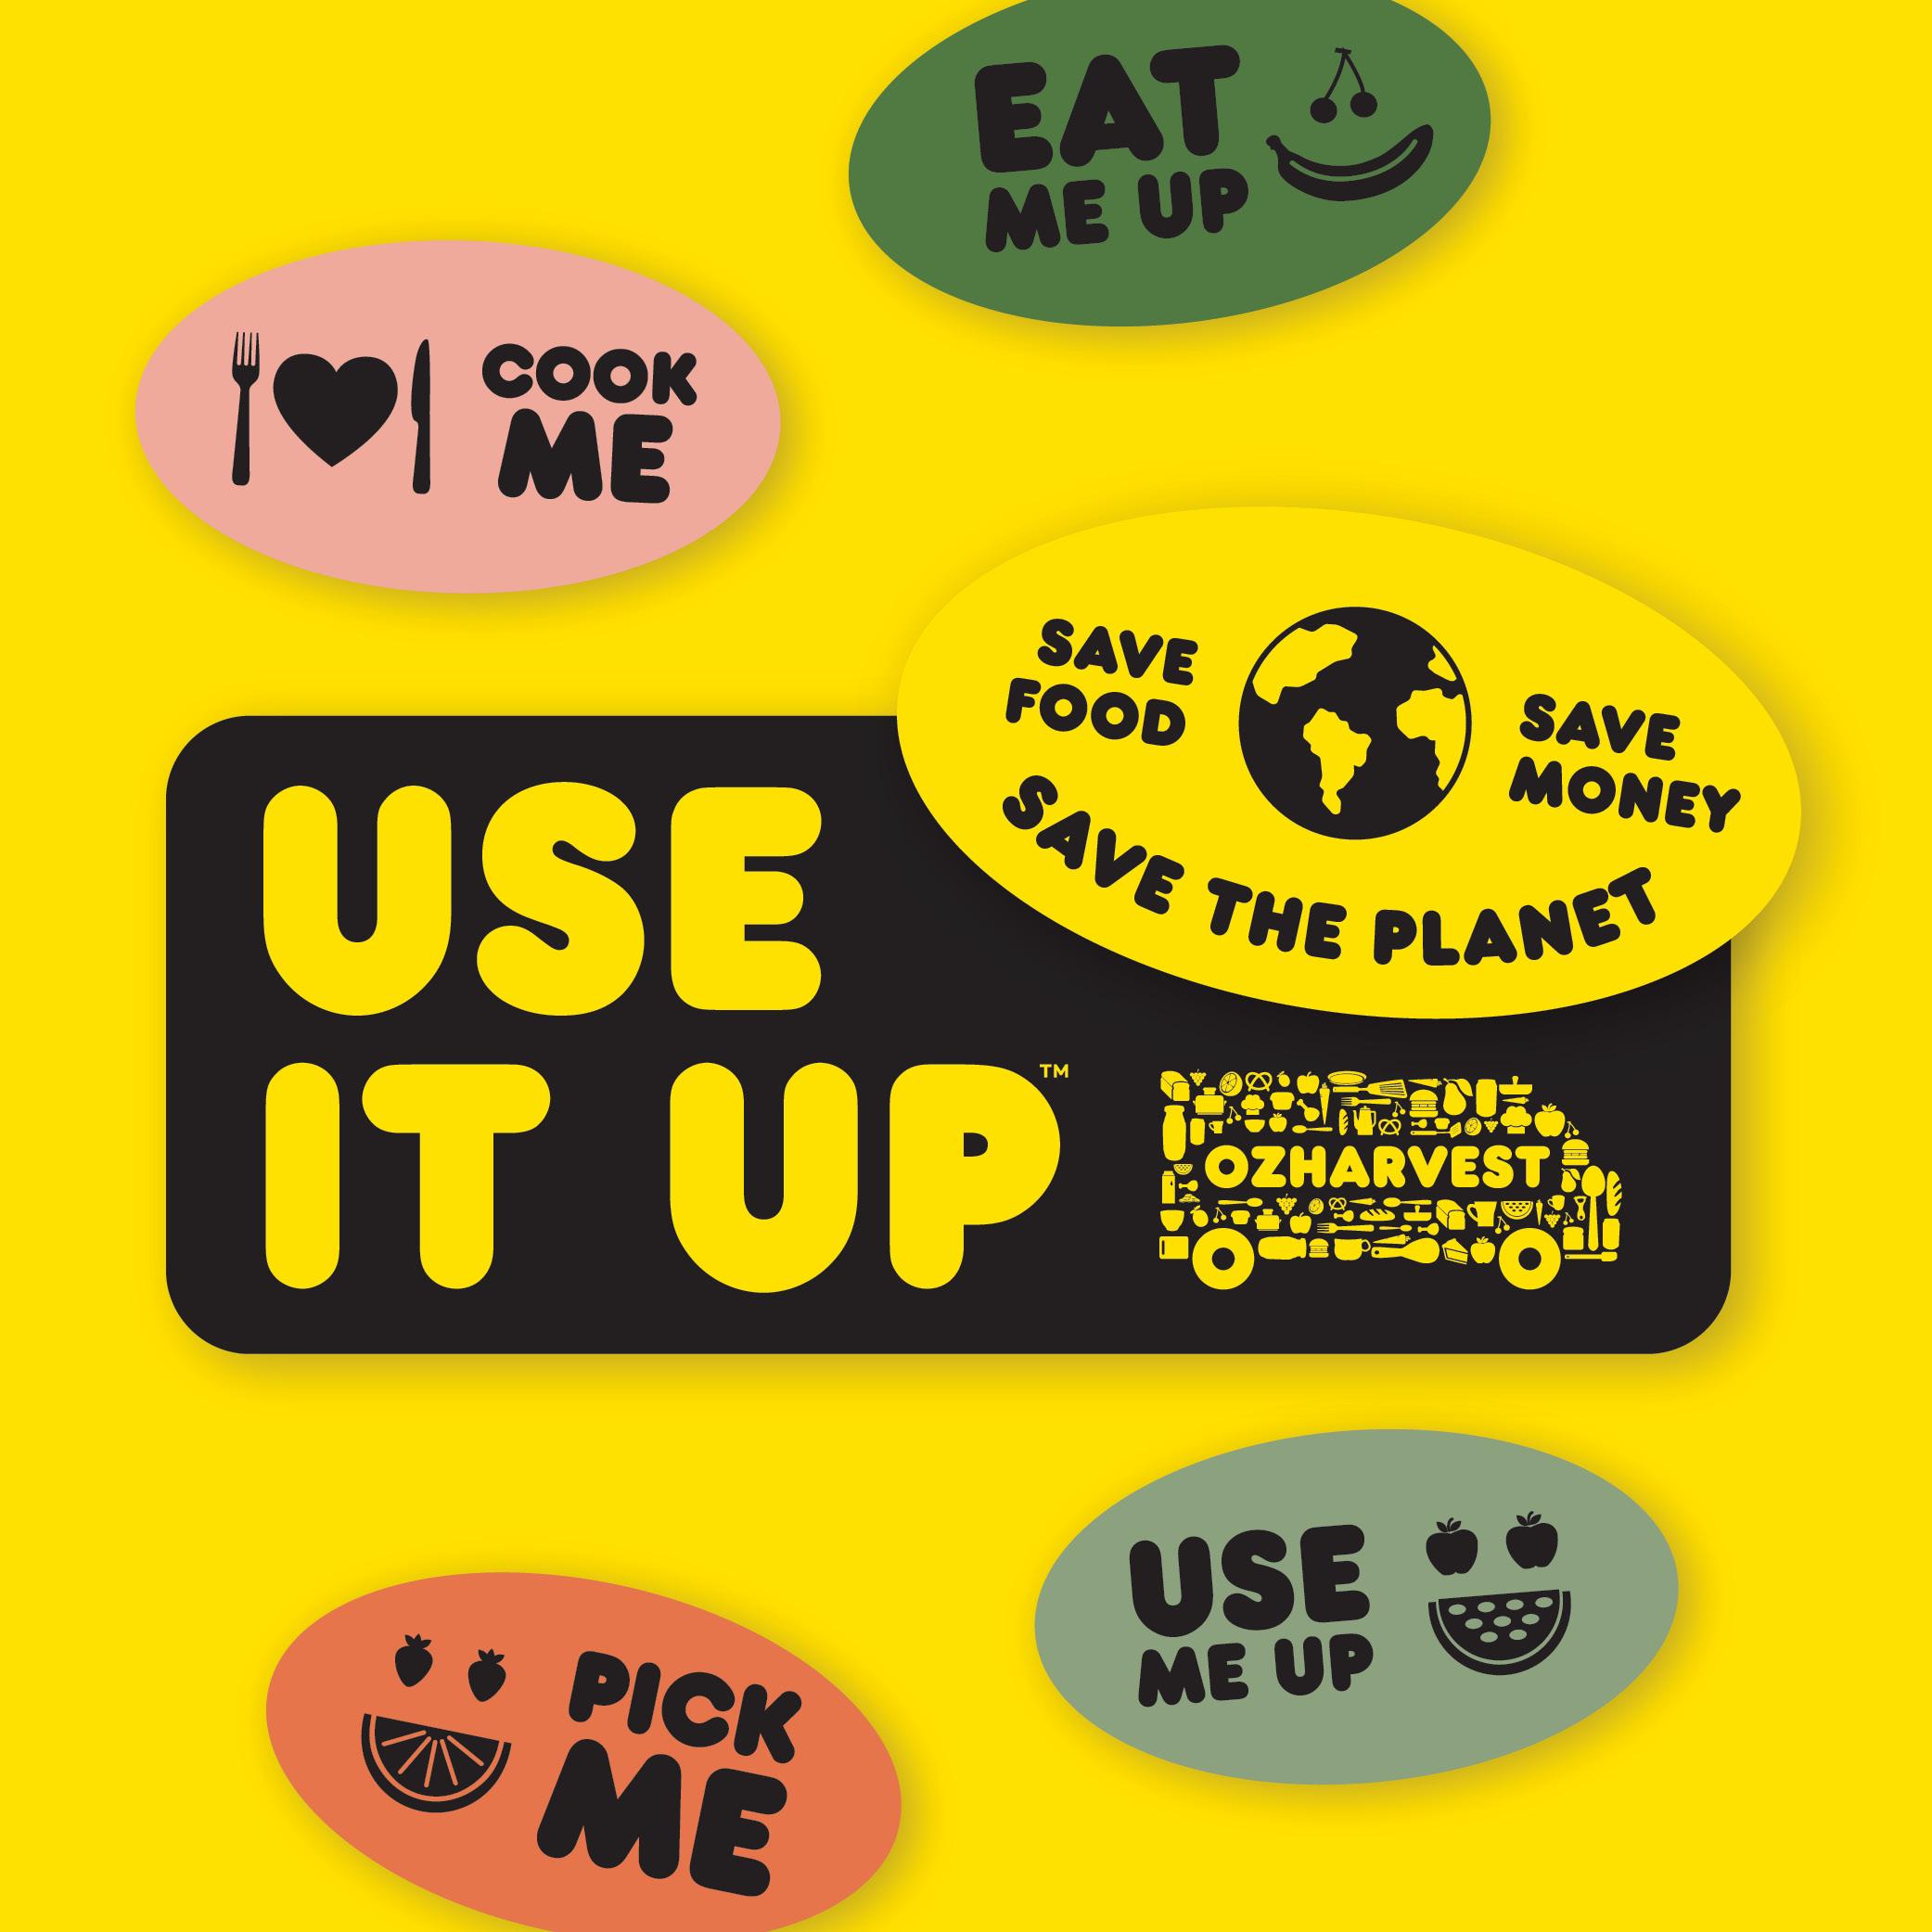 UseItUp sticker